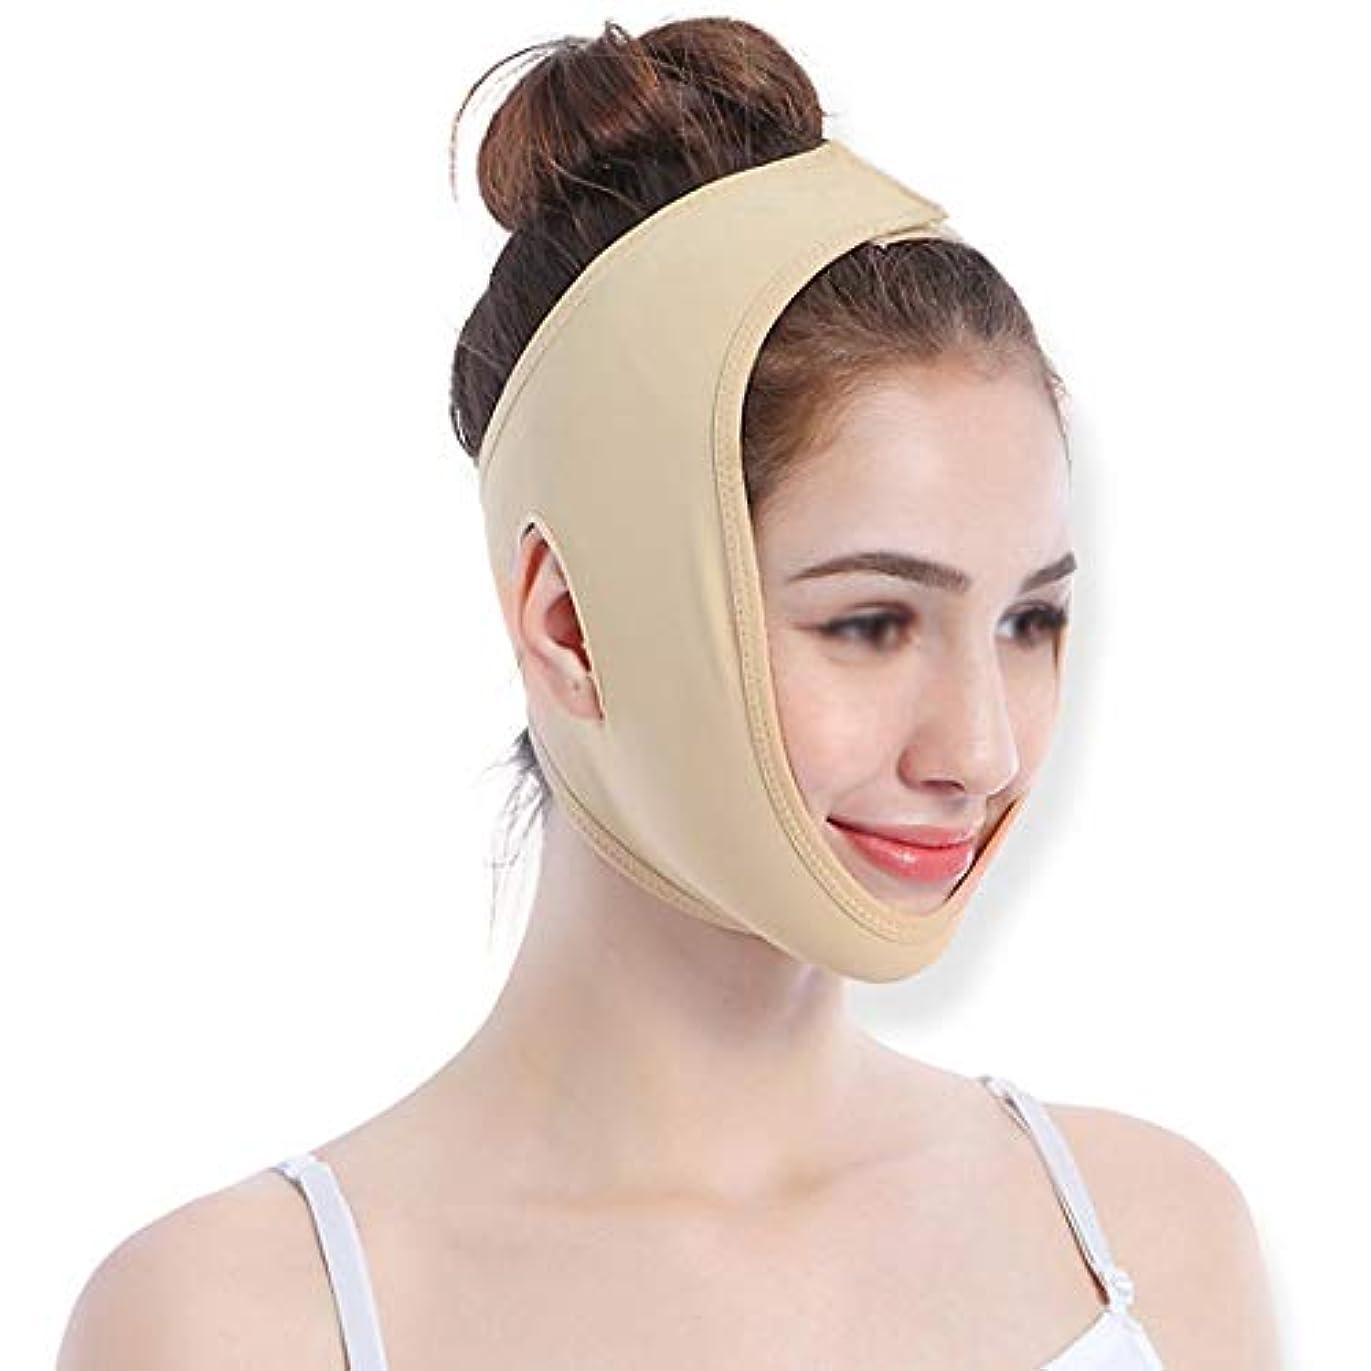 南東意識的反逆者ZWBD フェイスマスク, 減量の包帯の男性と女性を削除するフェイスリフティングアーティファクト二重あごフェイスリフトアーティファクトVフェイスマスク楽器包帯